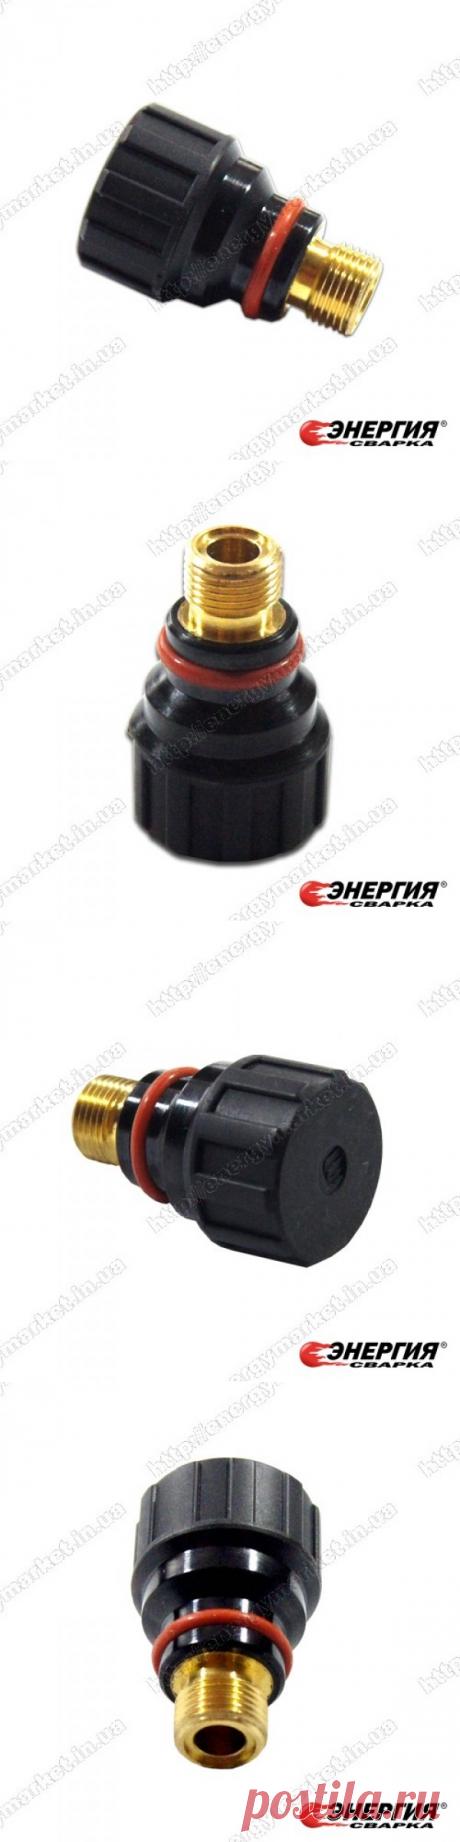 712.1053 Каппа короткая  ABITIG/SRT 17, 26, 18 Abicor Binzel купить цена Украине